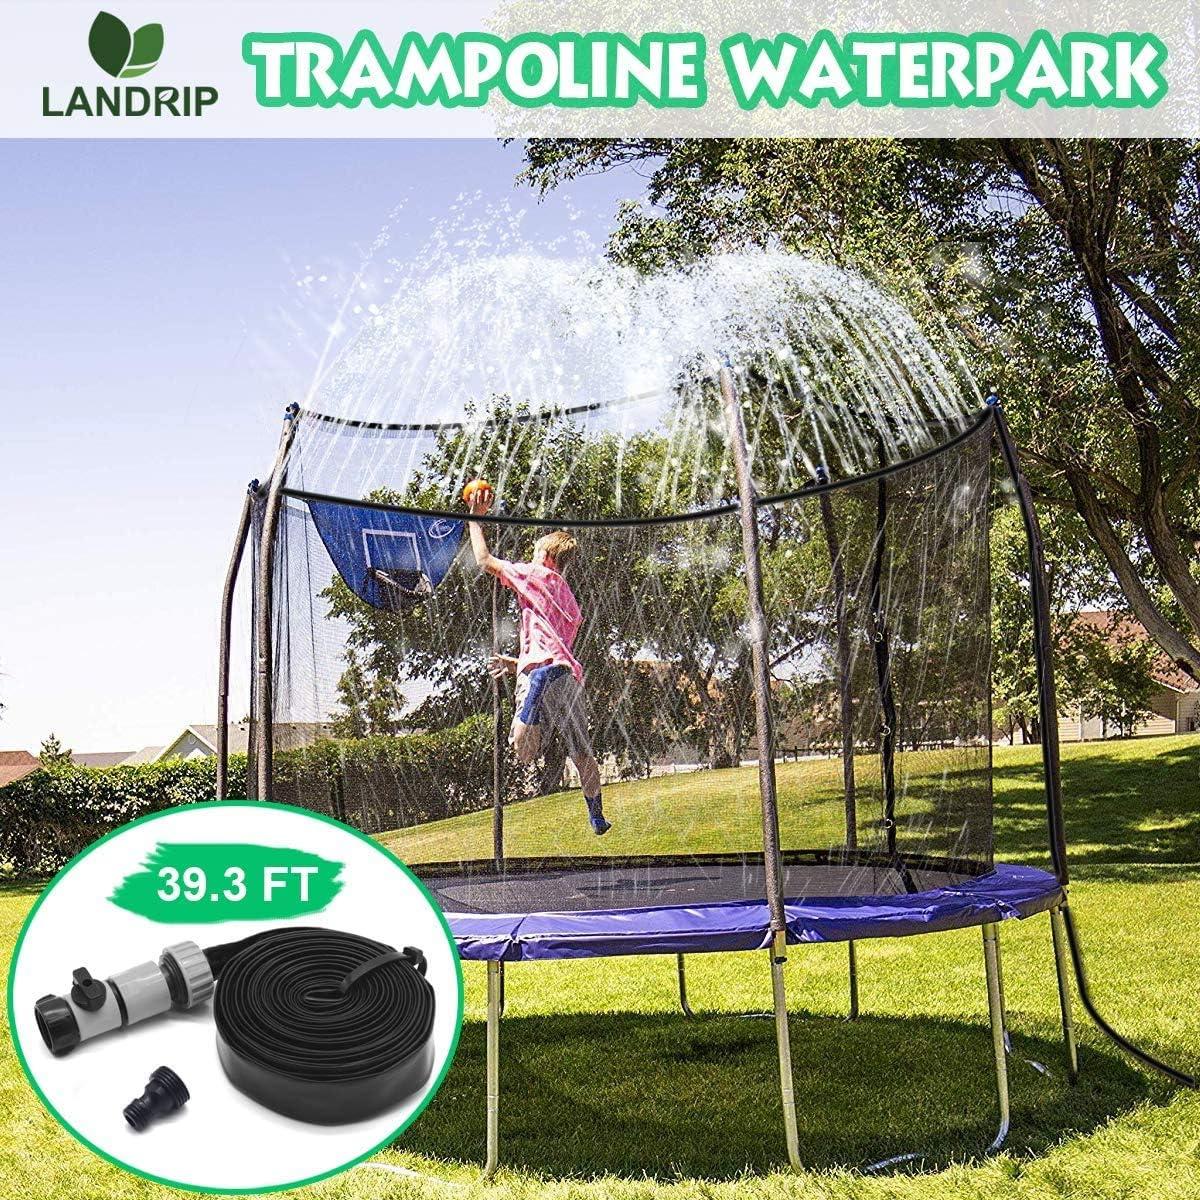 Landrip Rociadores de trampolín para niños, Trampoline Waterpark Water Trampoline Jugar para el Verano Juegos de Agua al Aire Libre Juguetes (39.3 pies)